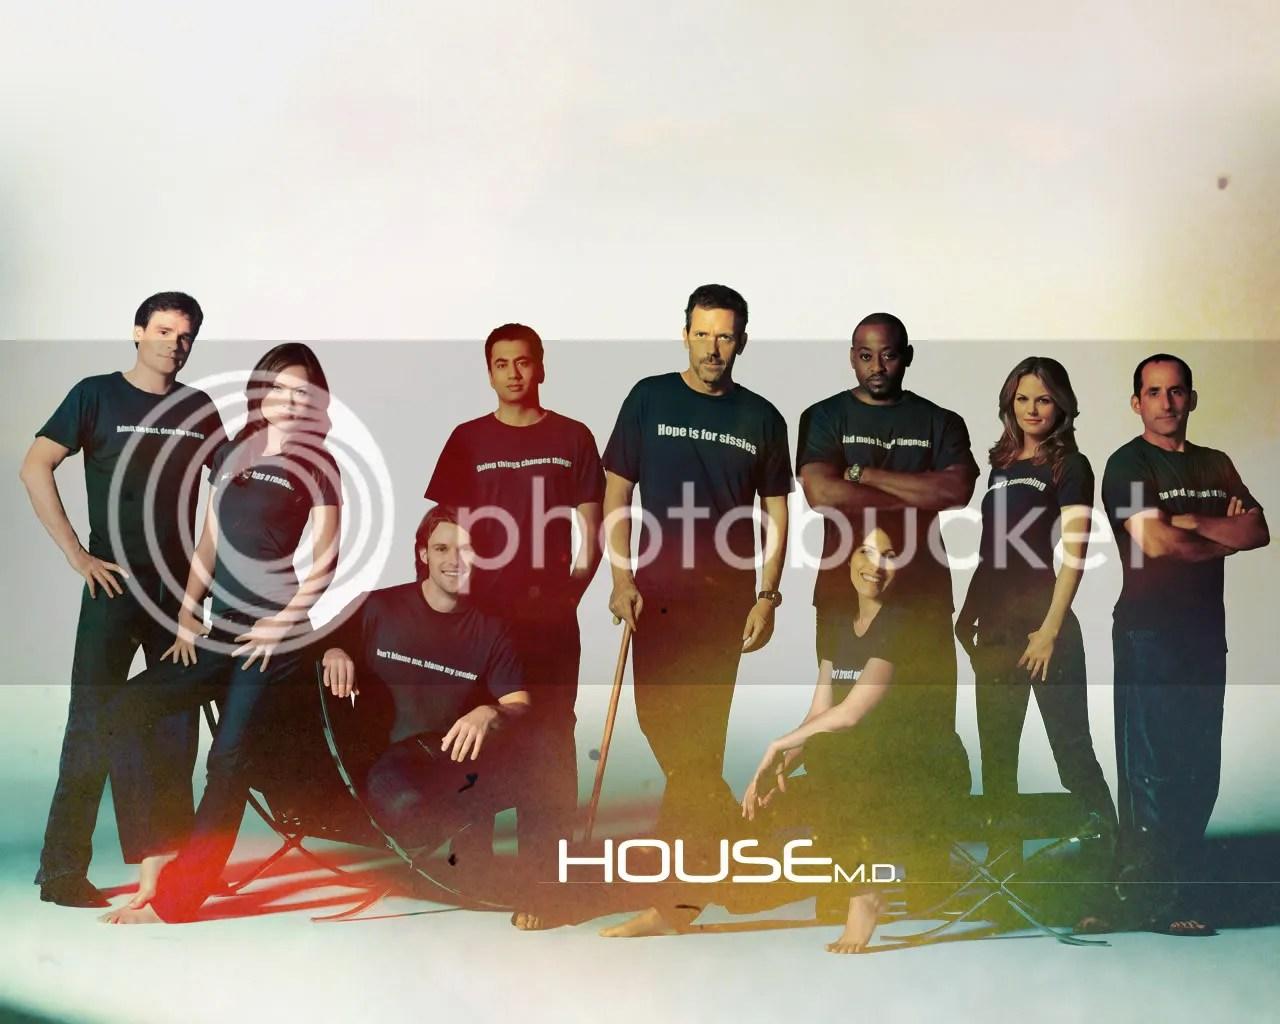 Cast Friday Night Lights Season 5